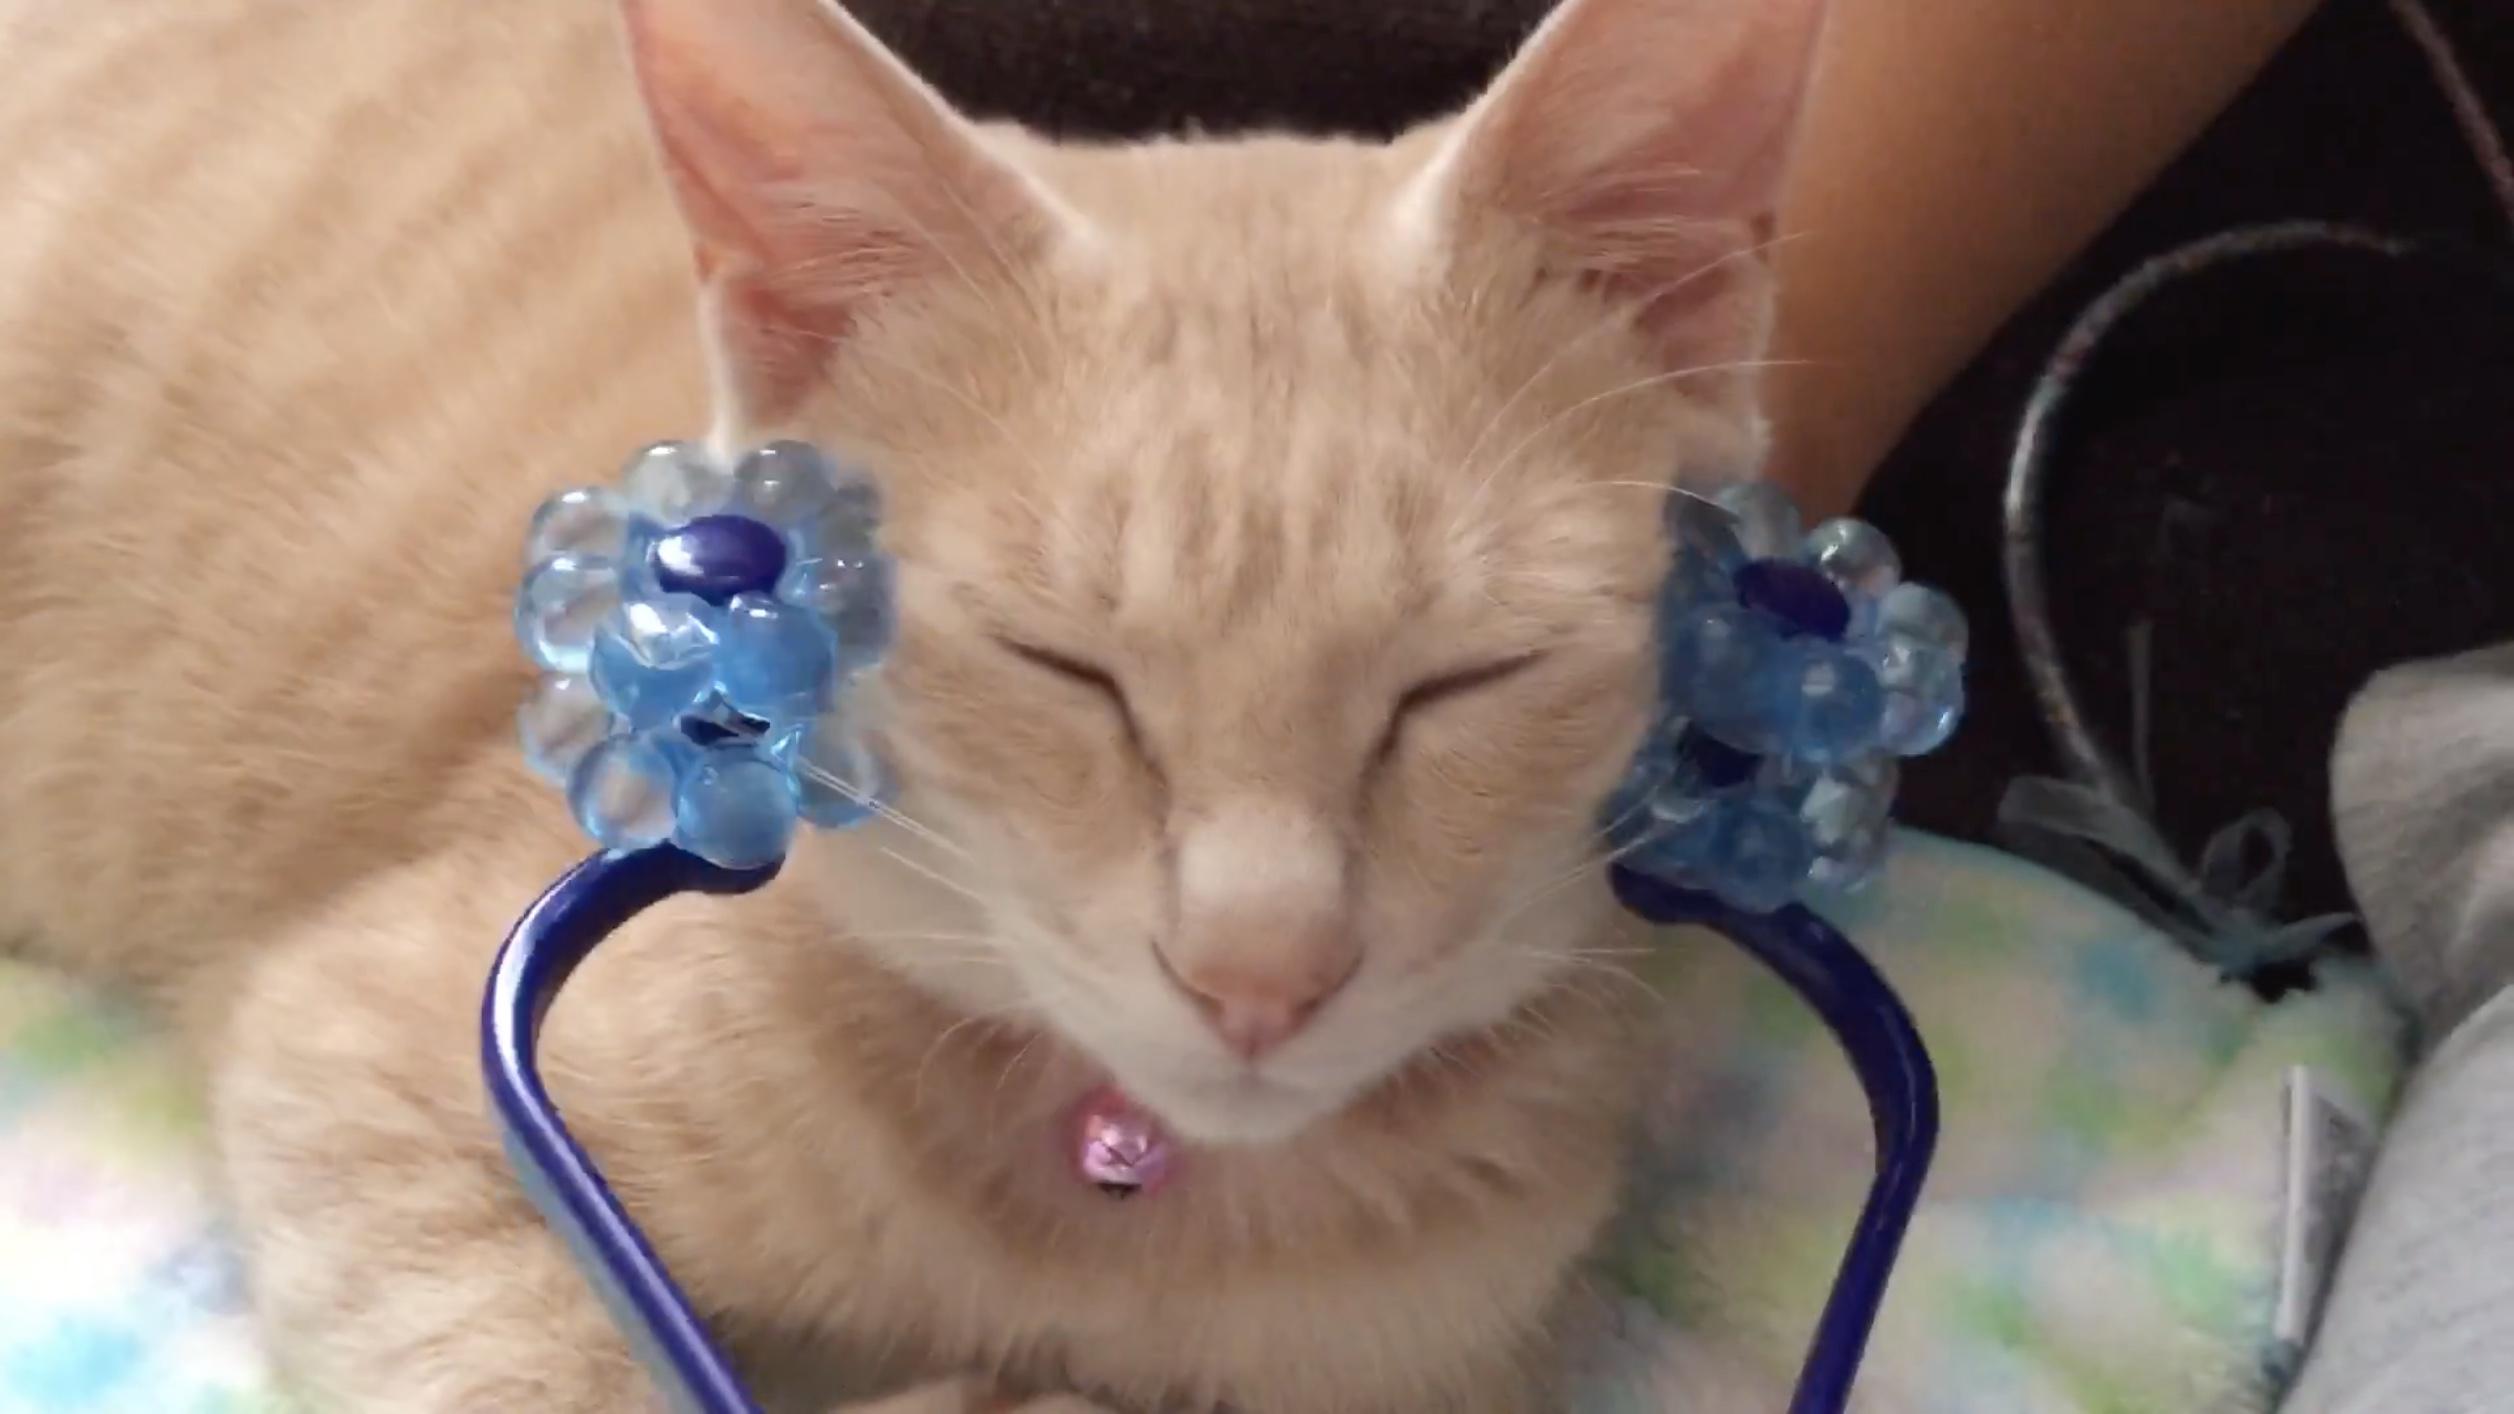 目を細め小顔ローラーにゴロゴロいう猫、見ているこちらが癒やされほぐされ